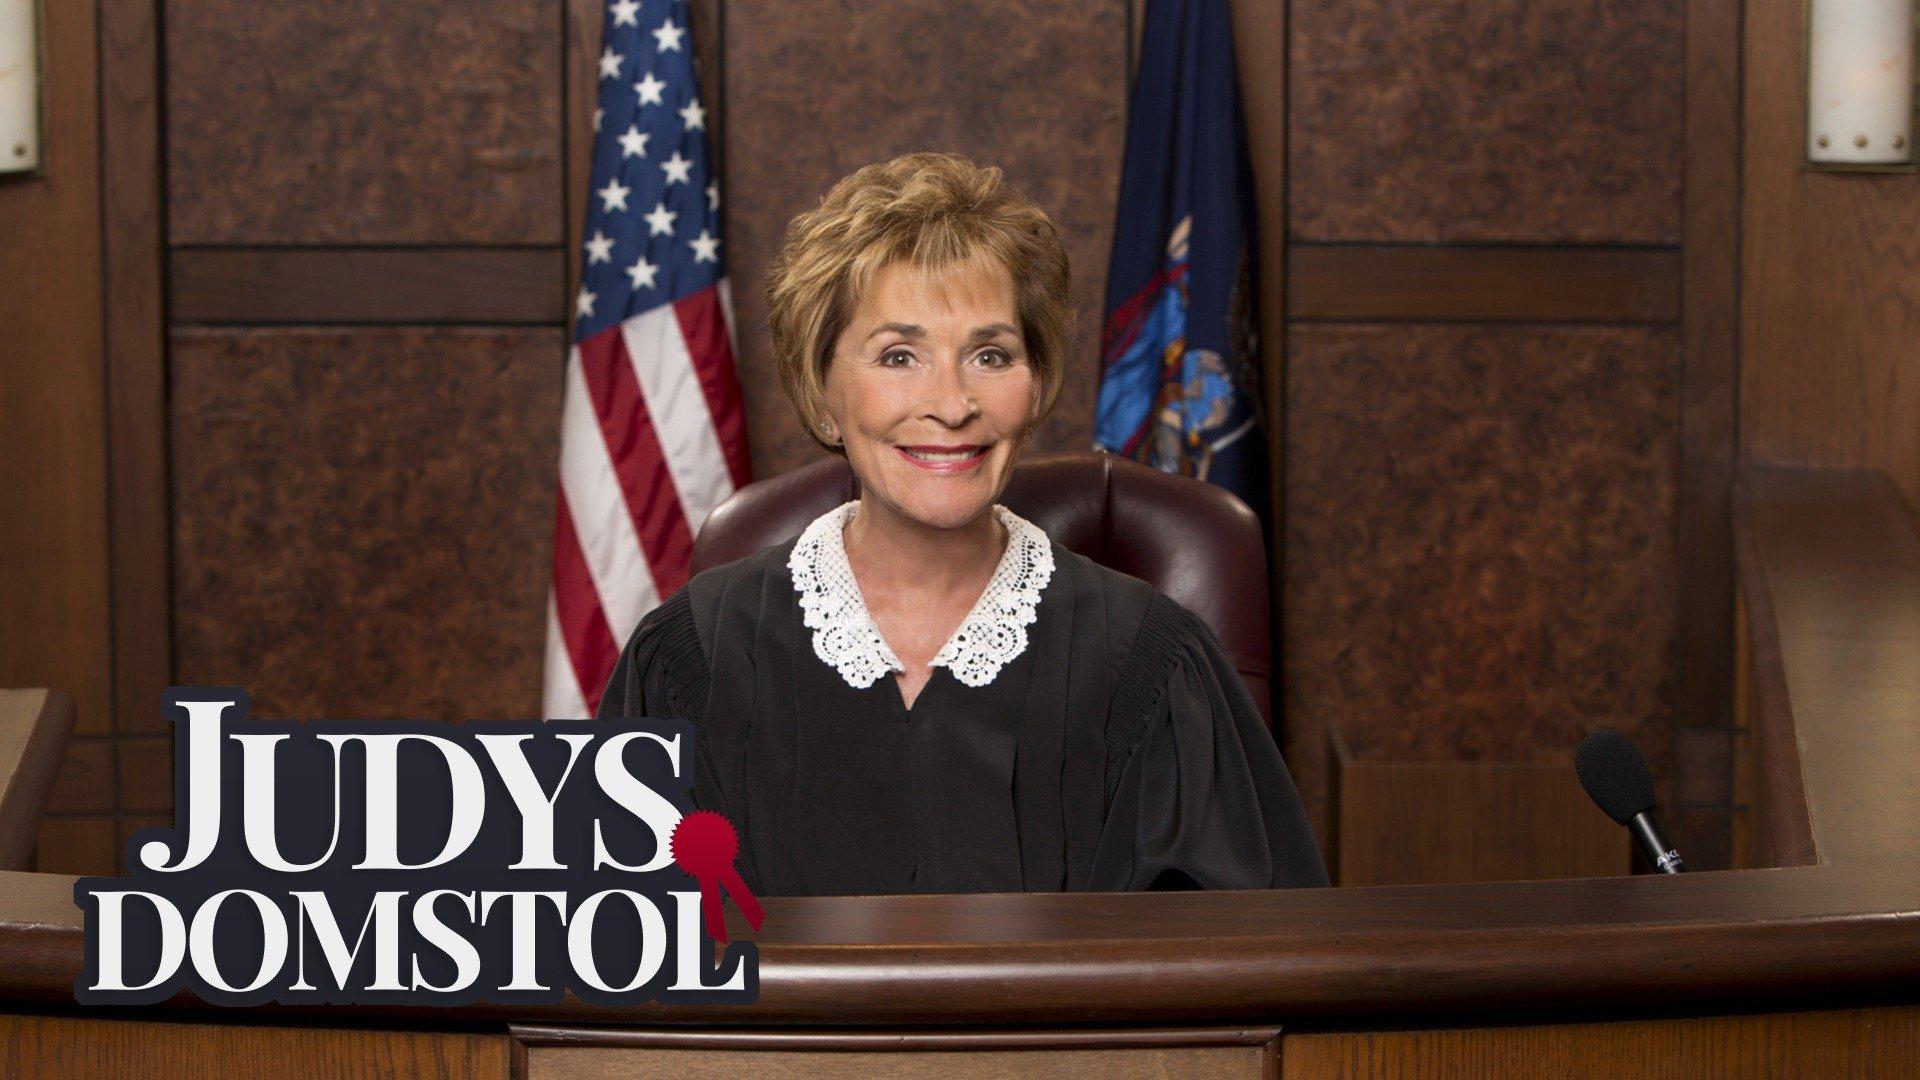 Judys domstol